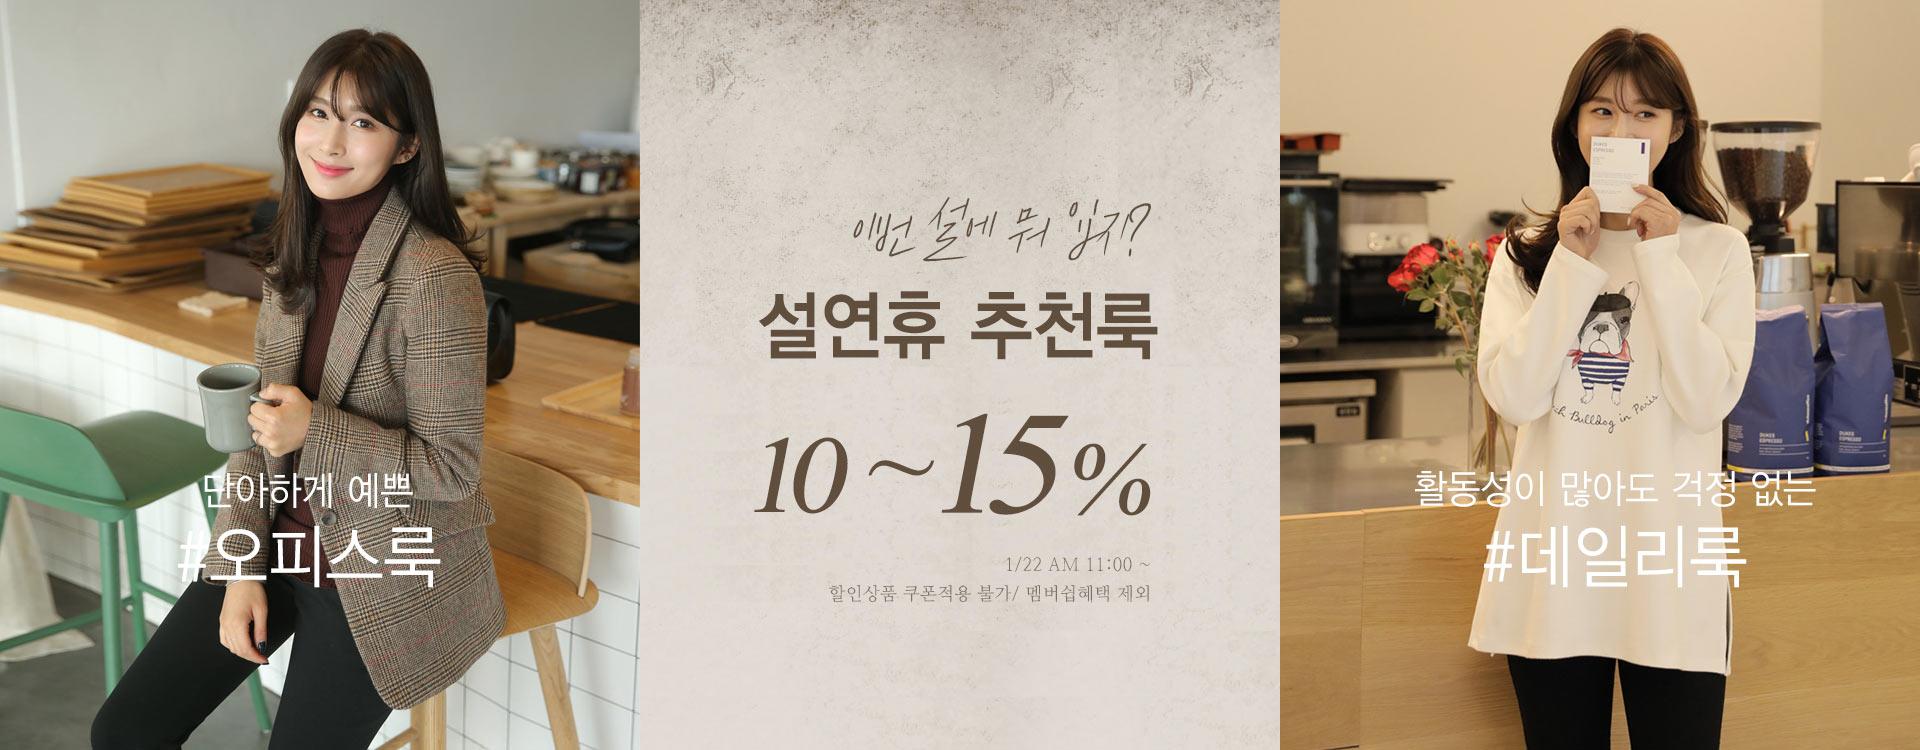 설연휴 추천룩 10~15%